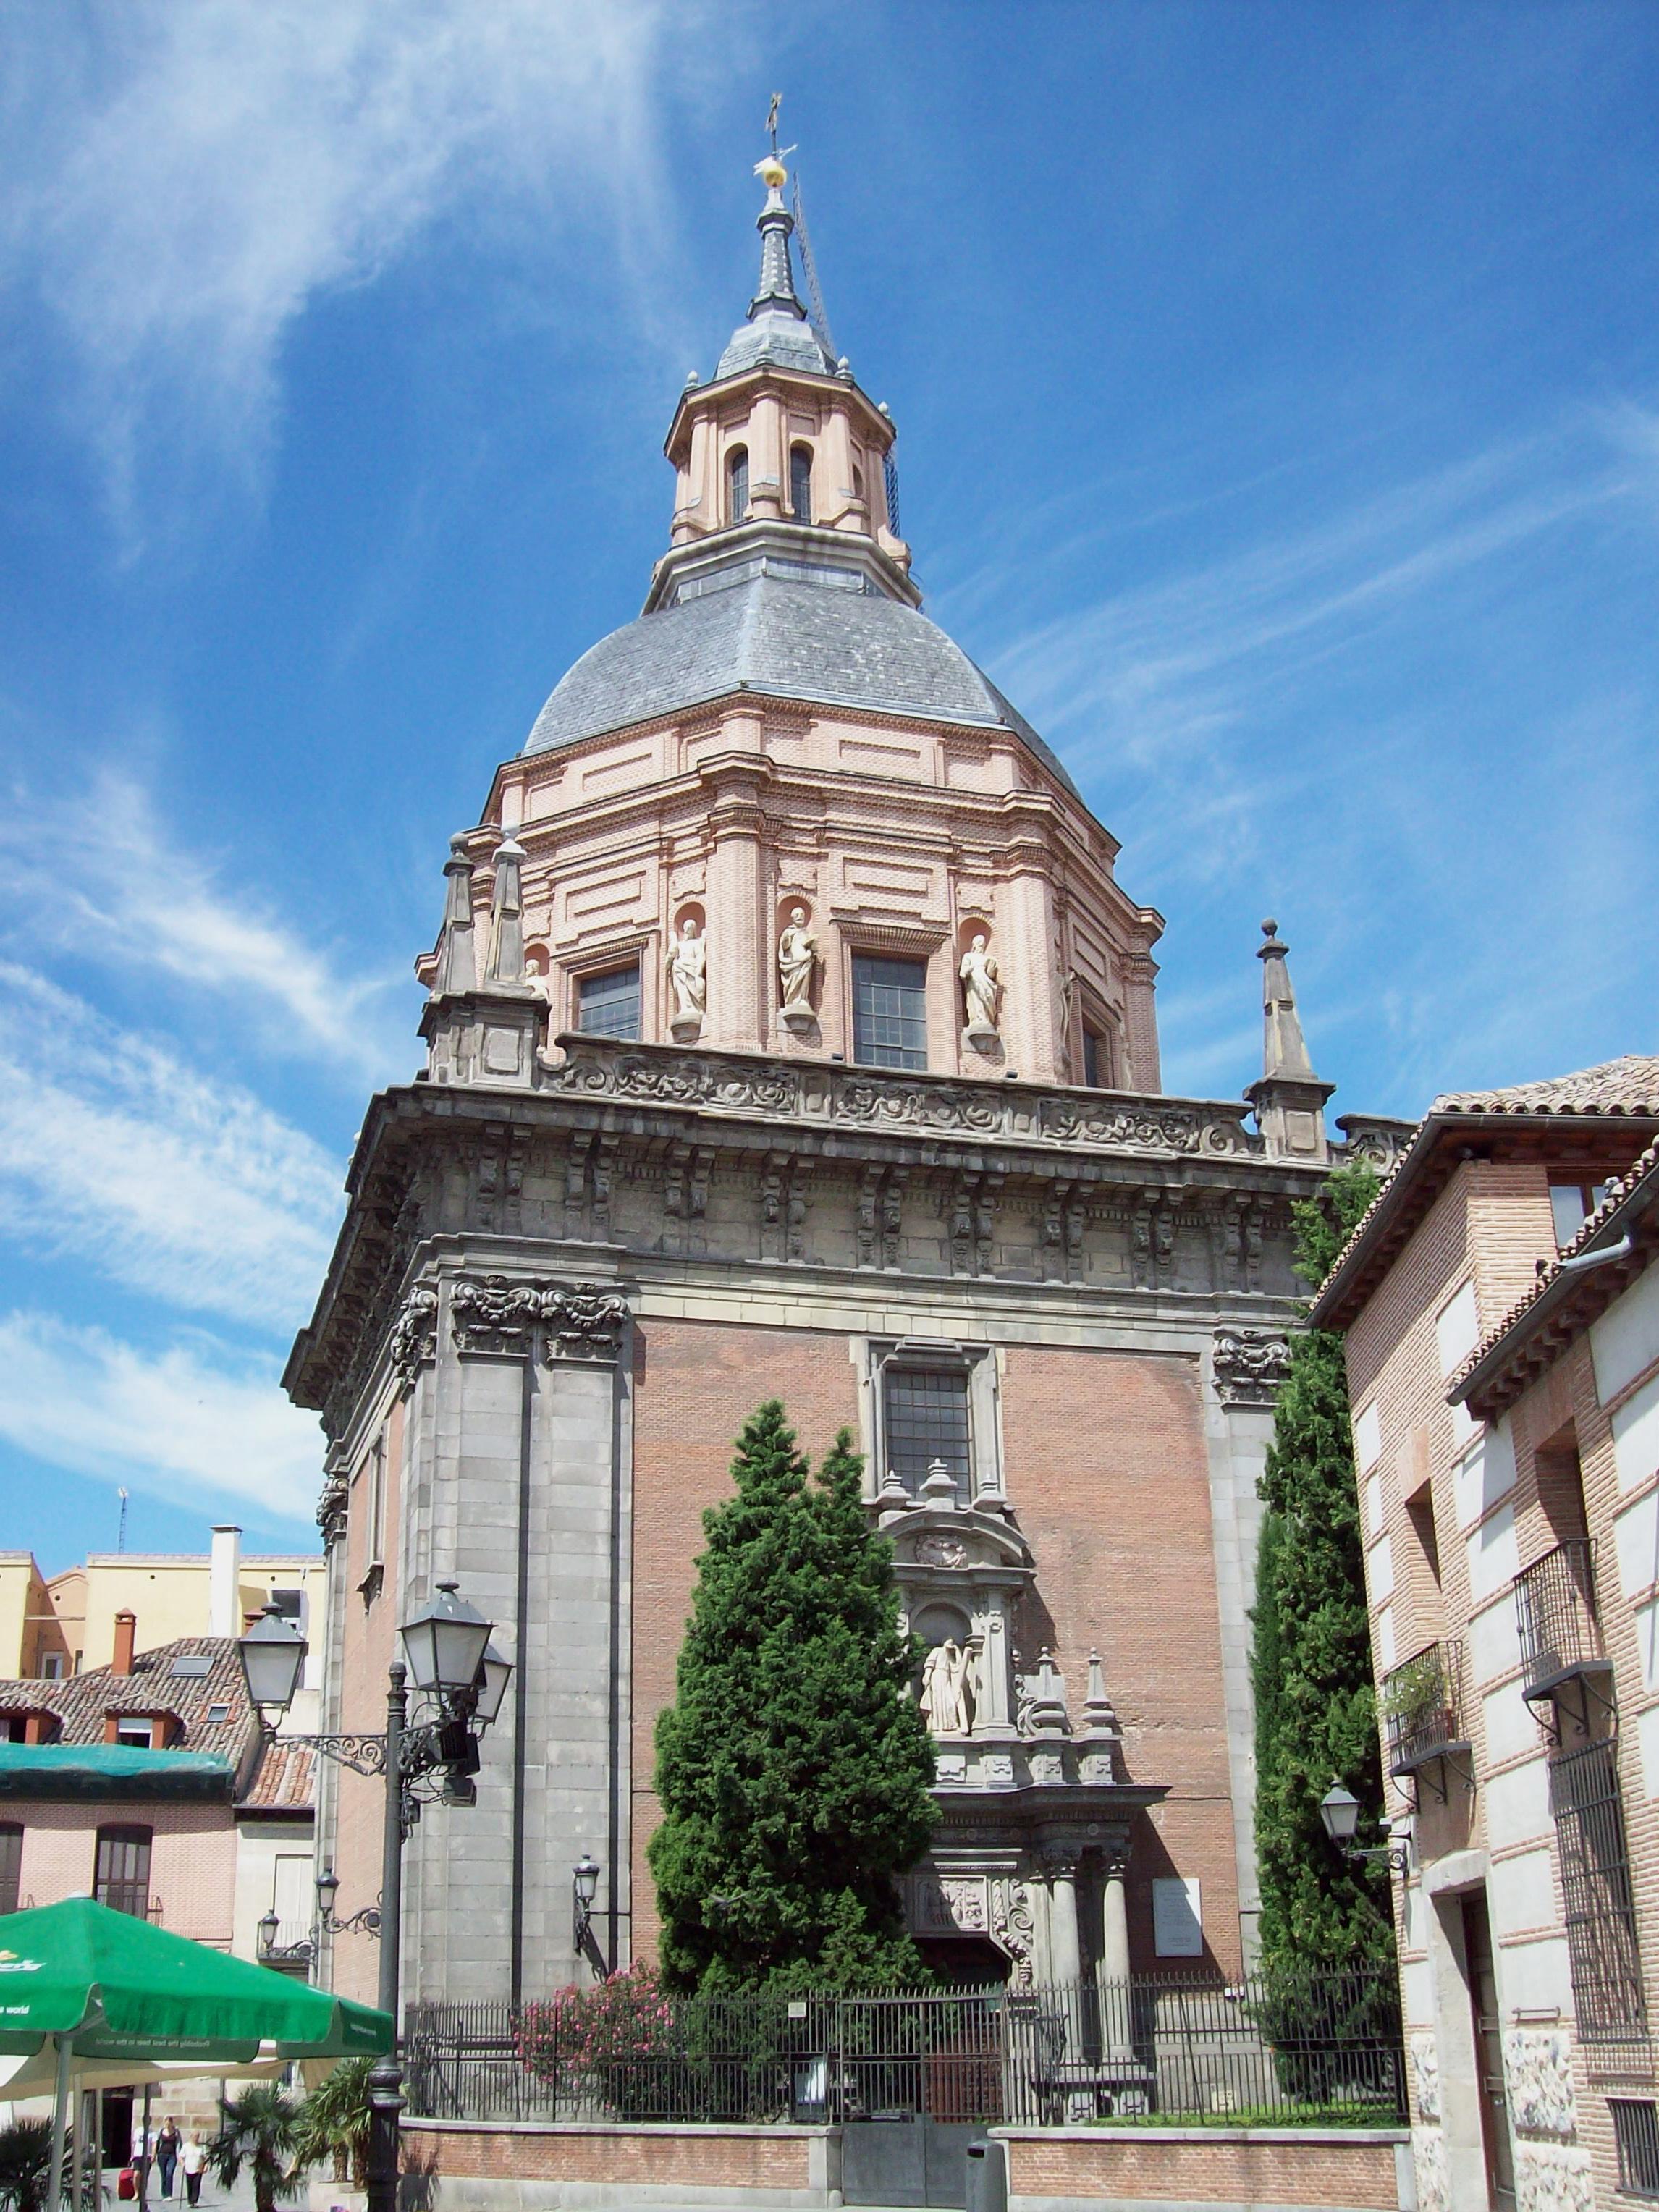 FRIKIPIEDRAS: IGLESIA DE SAN ANDRES y CAPILLA DE SAN ISIDRO